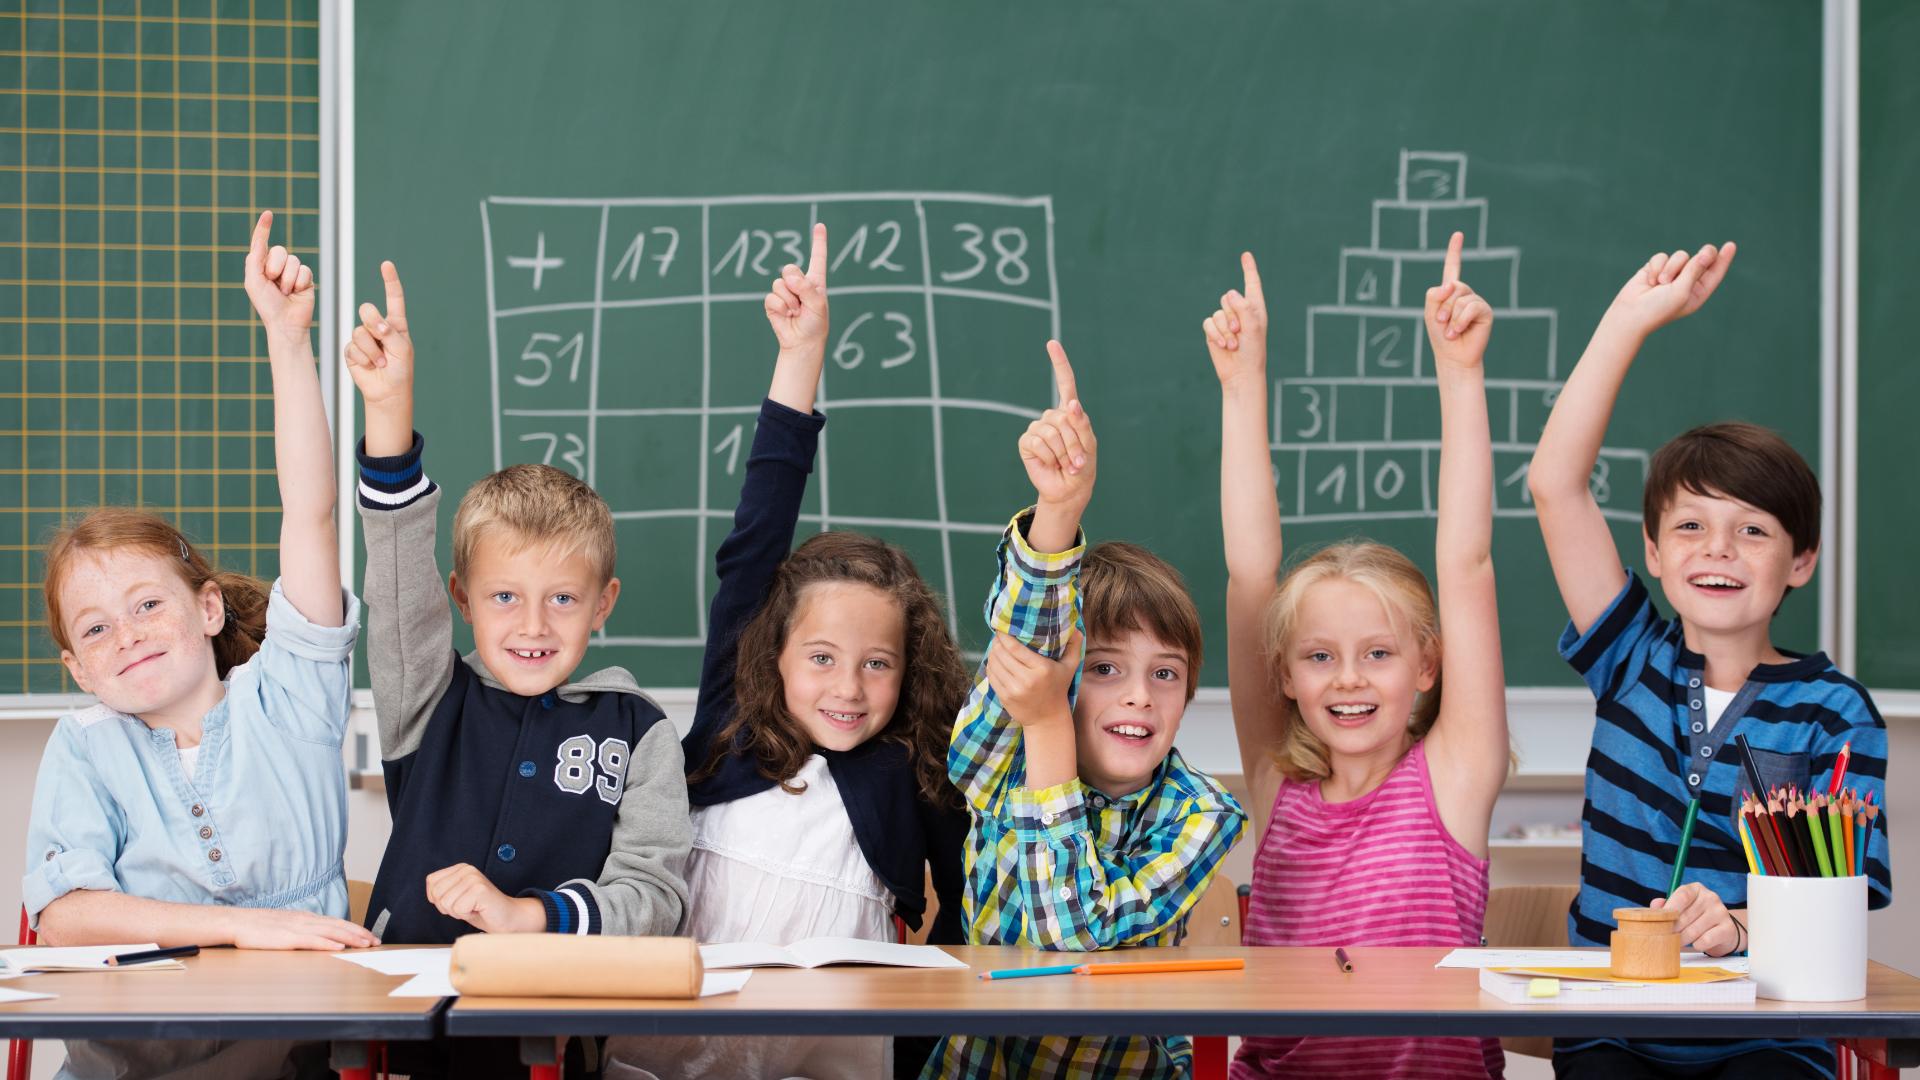 aktywne dzieci na lekcji